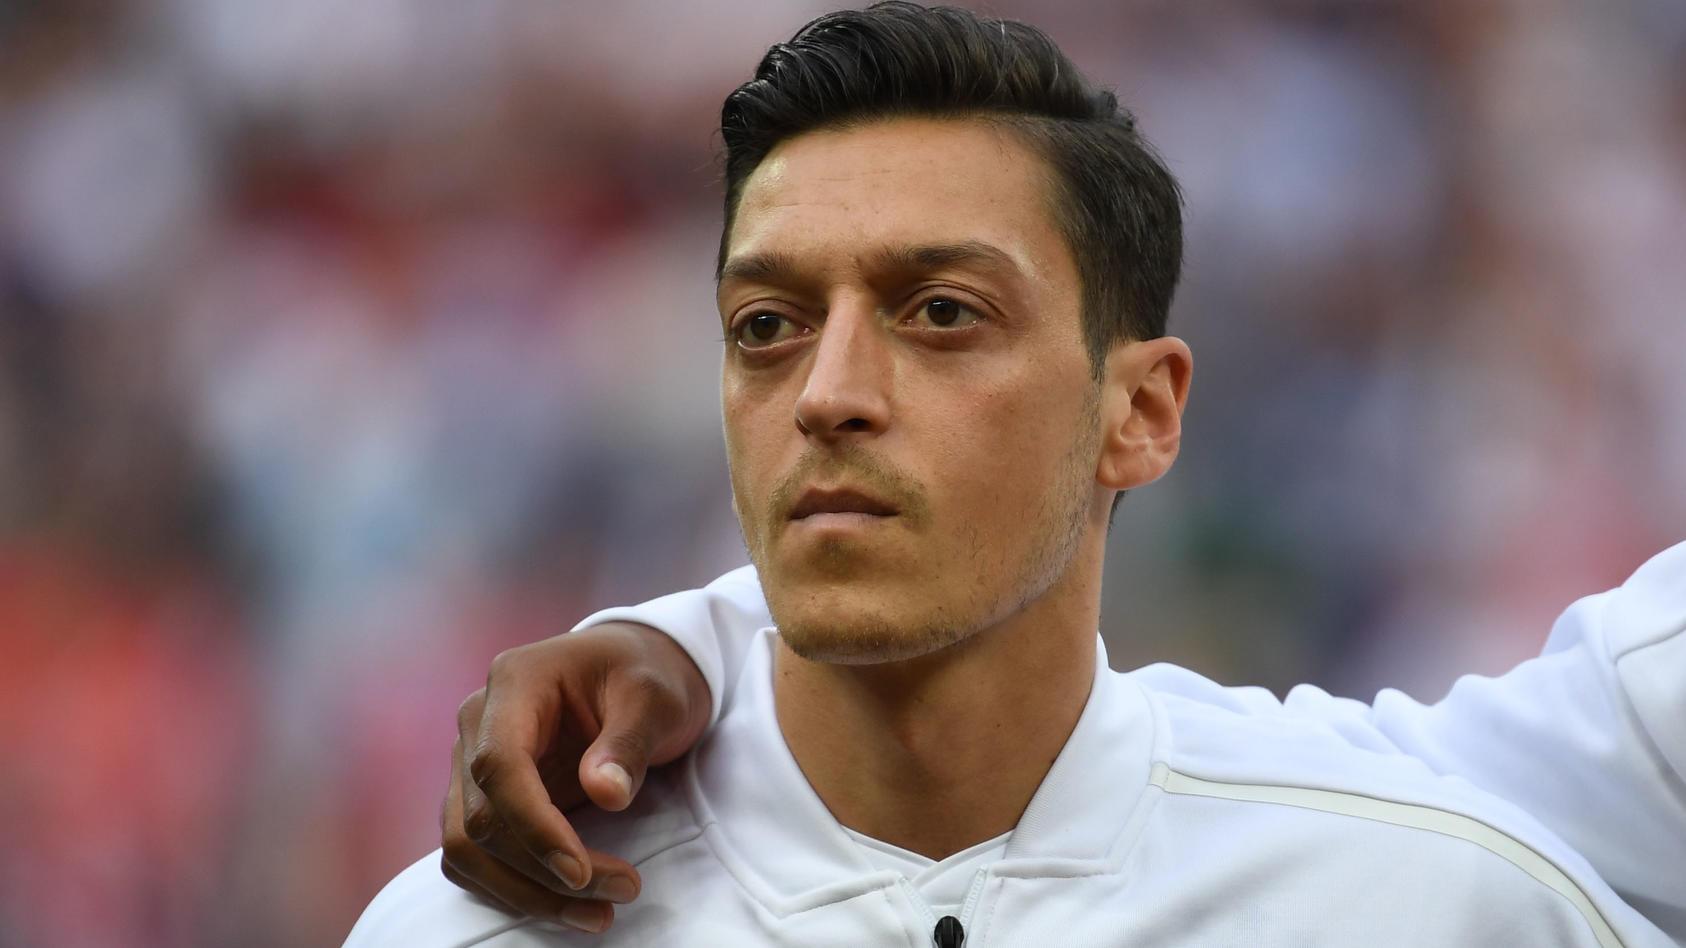 Mesut Özil im Trikot der Fußball-Nationalmannschaft.